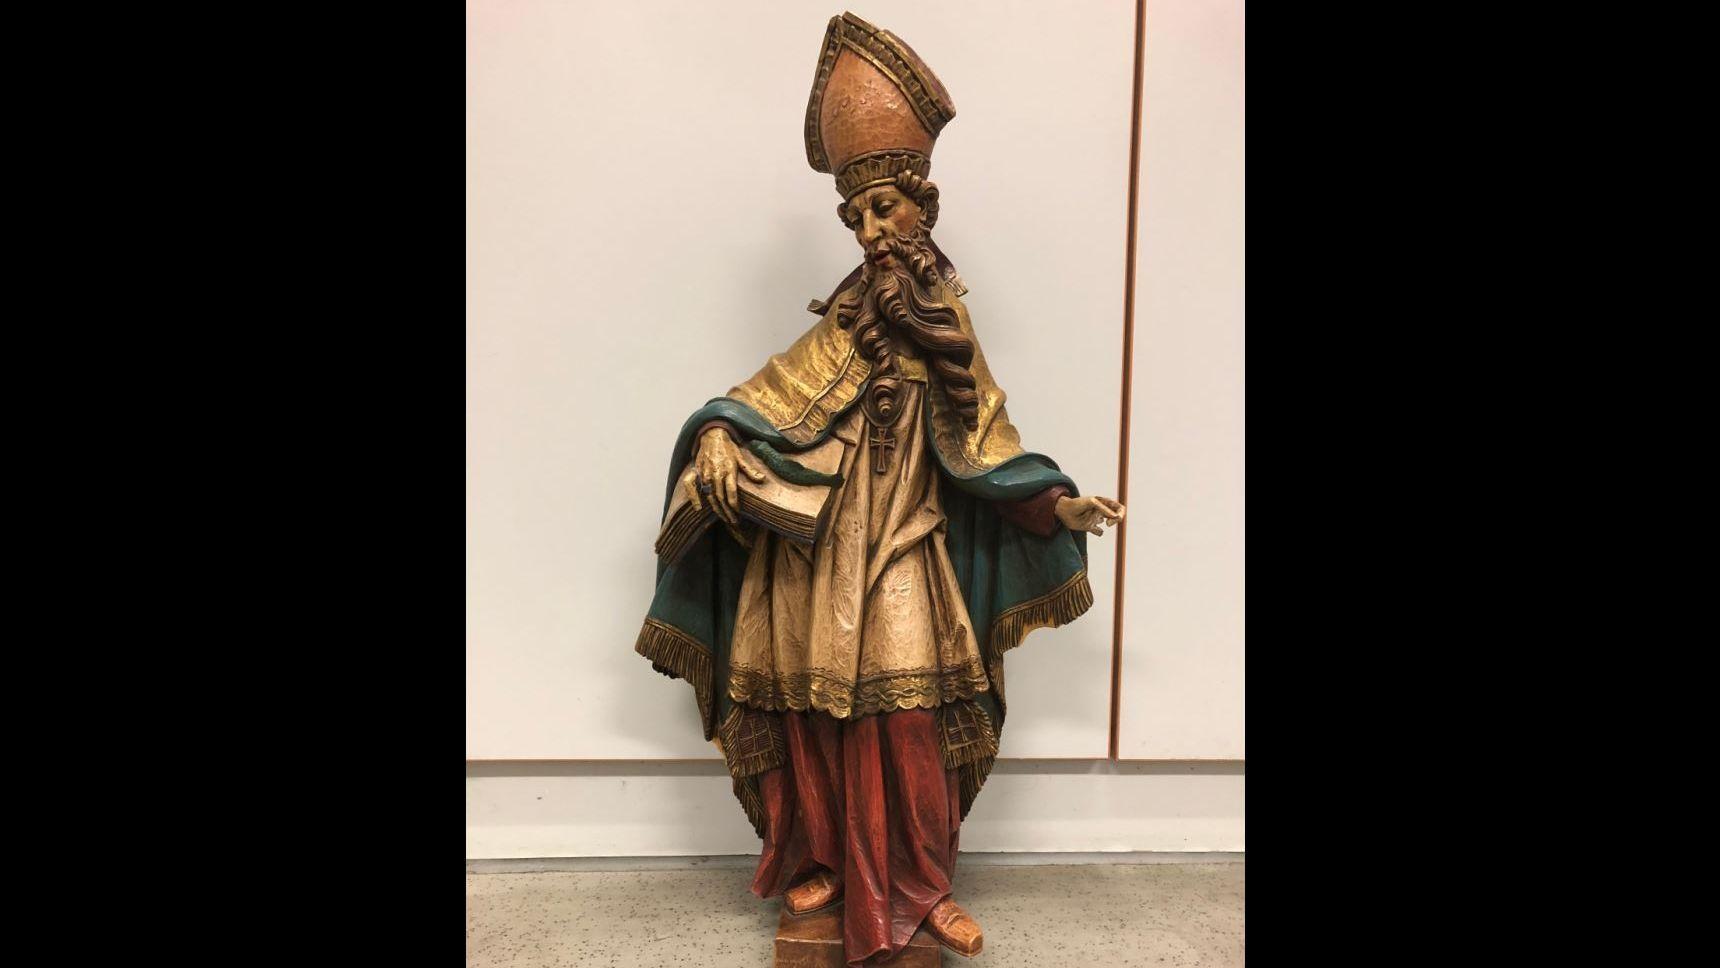 Die gefundene Heiligenfigur